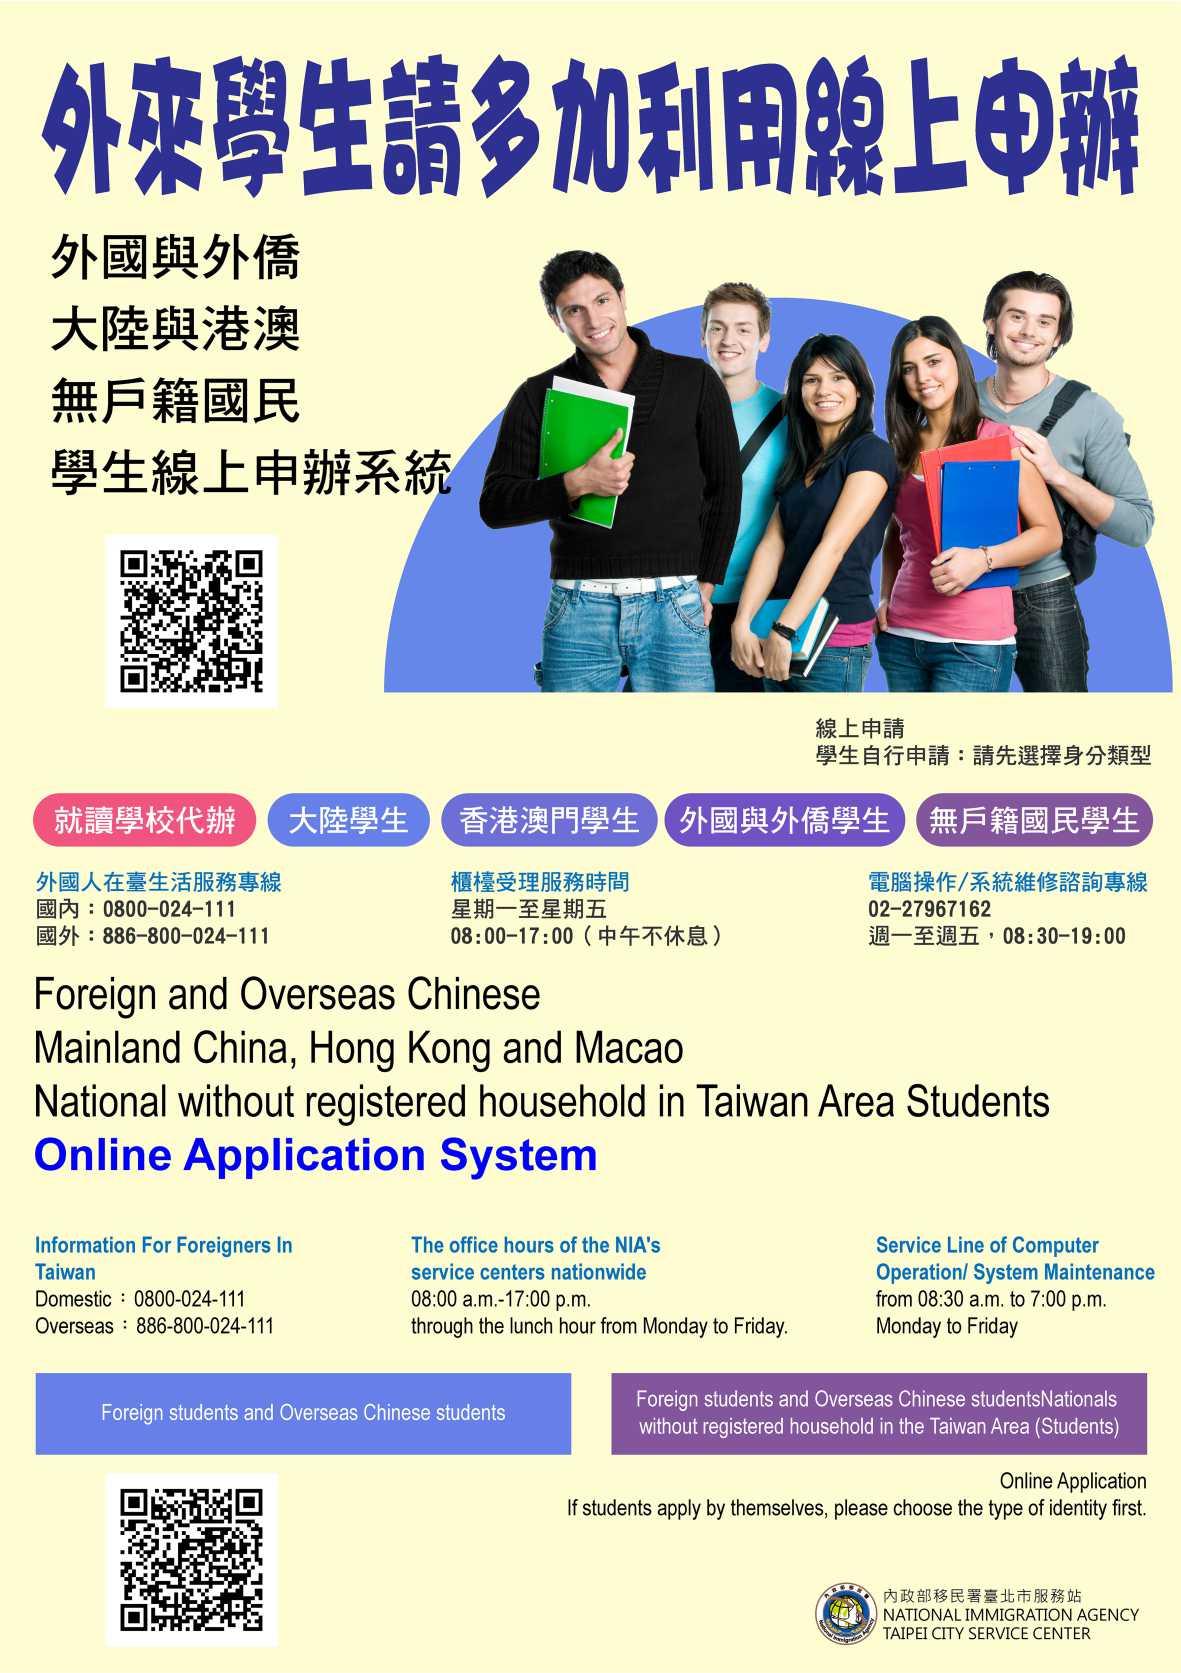 3外來學生線上申請海報